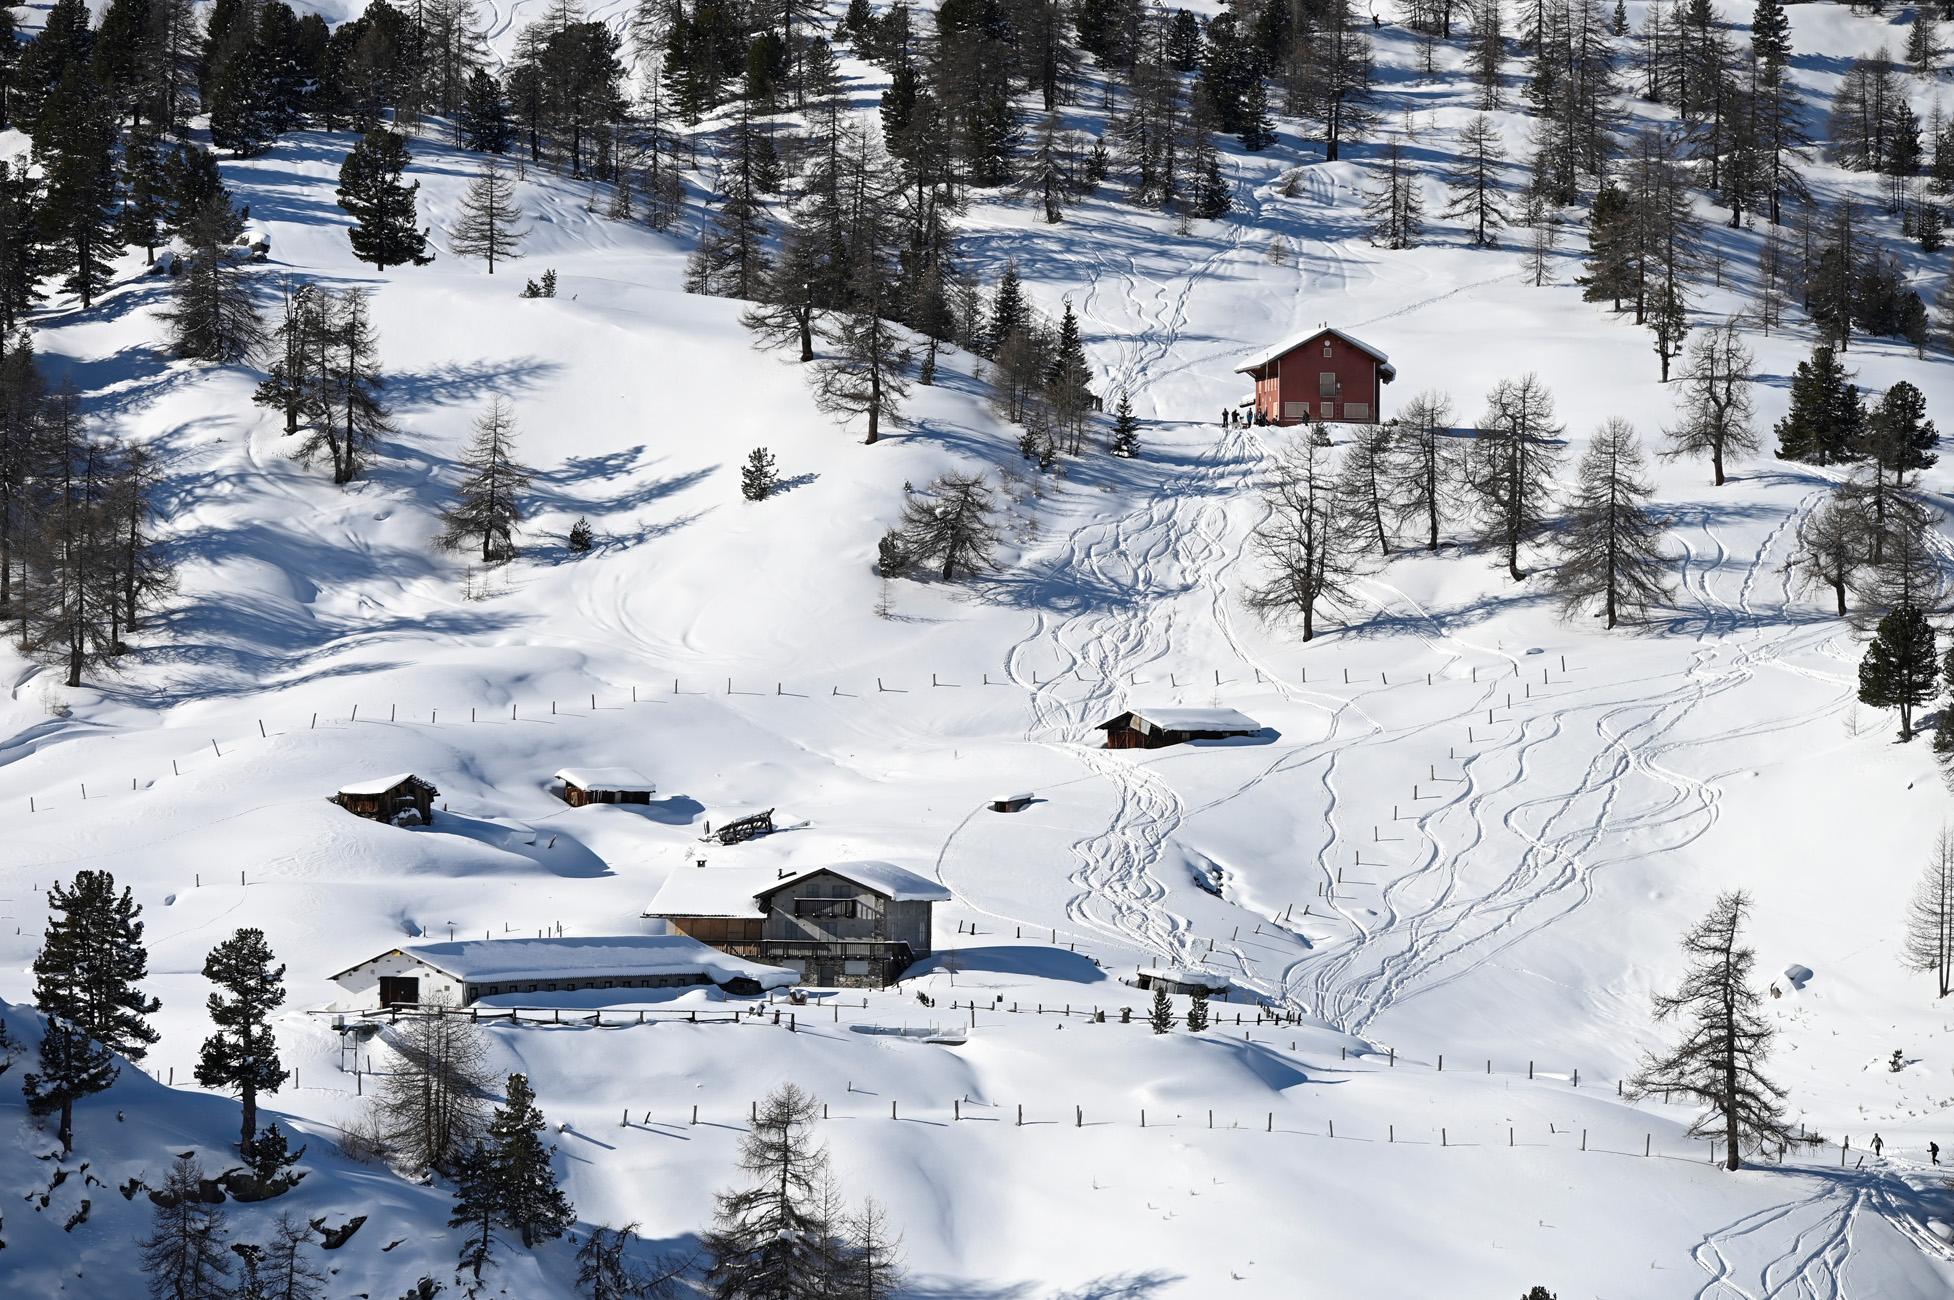 Σλοβακία: Σκοτώθηκαν δυο σκιέρ στην οροσειρά του Τάτρα